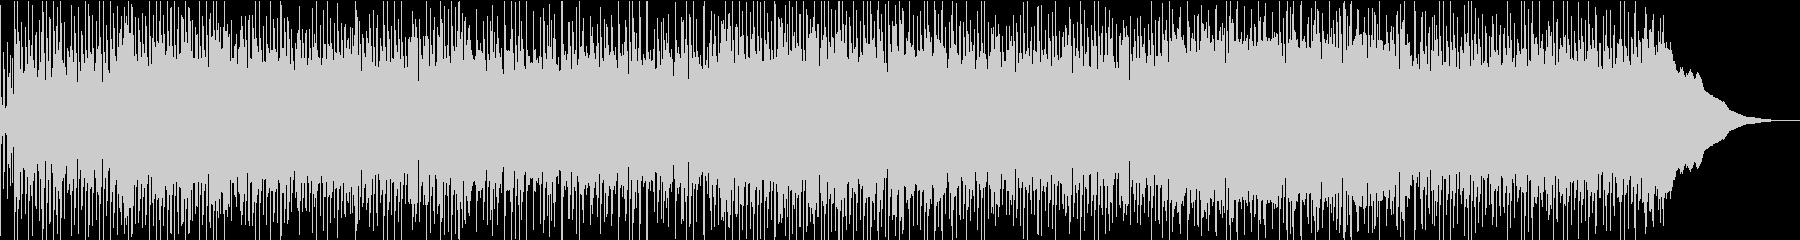 アコースティックなブルーズ・ロックの未再生の波形